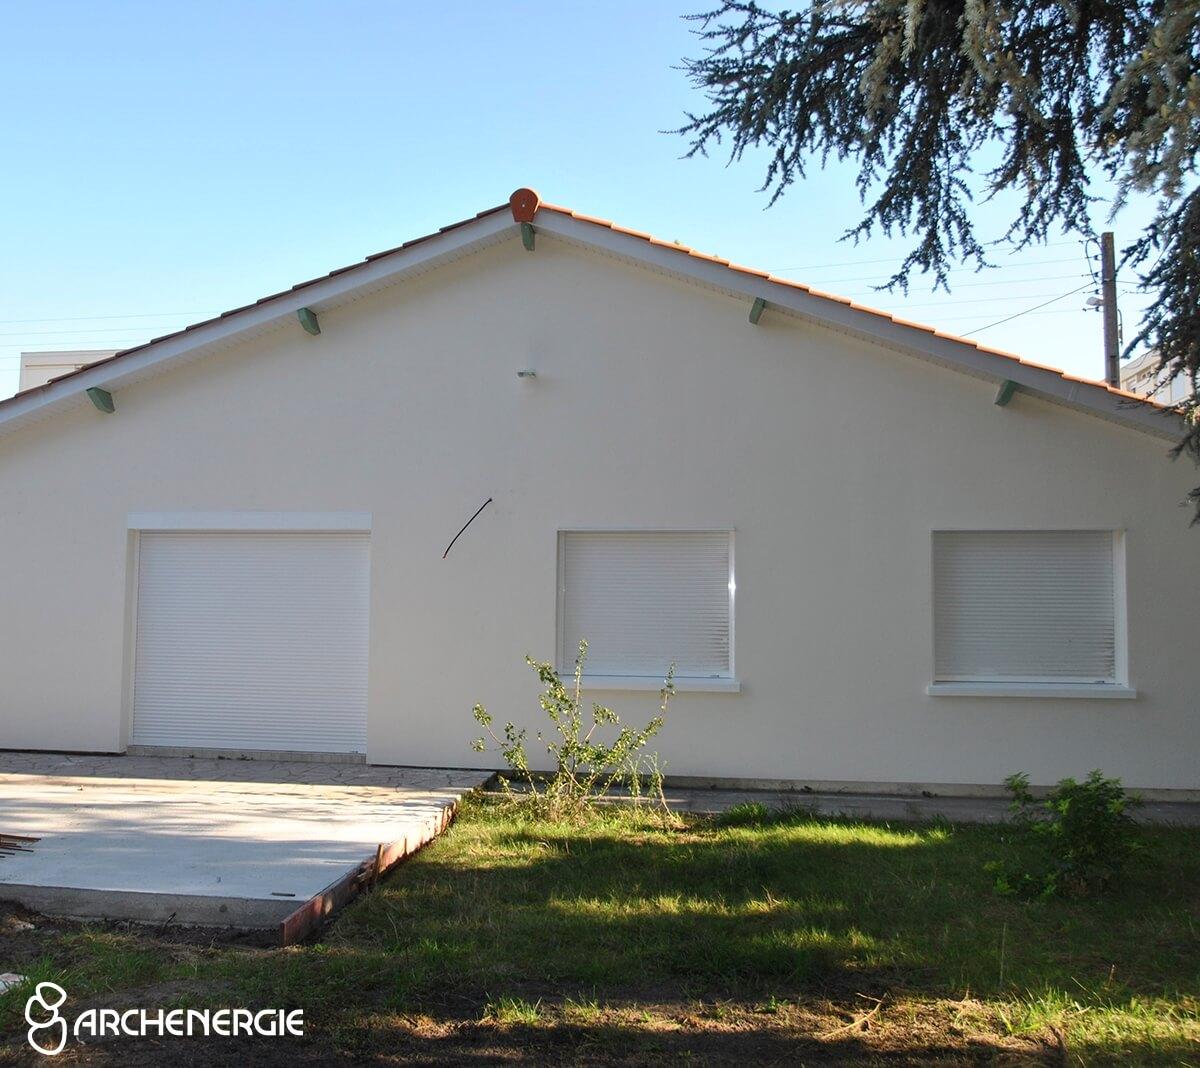 maison mérignac gironde 33 après les travaux d'isolation thermique par l'extérieur I.T.E